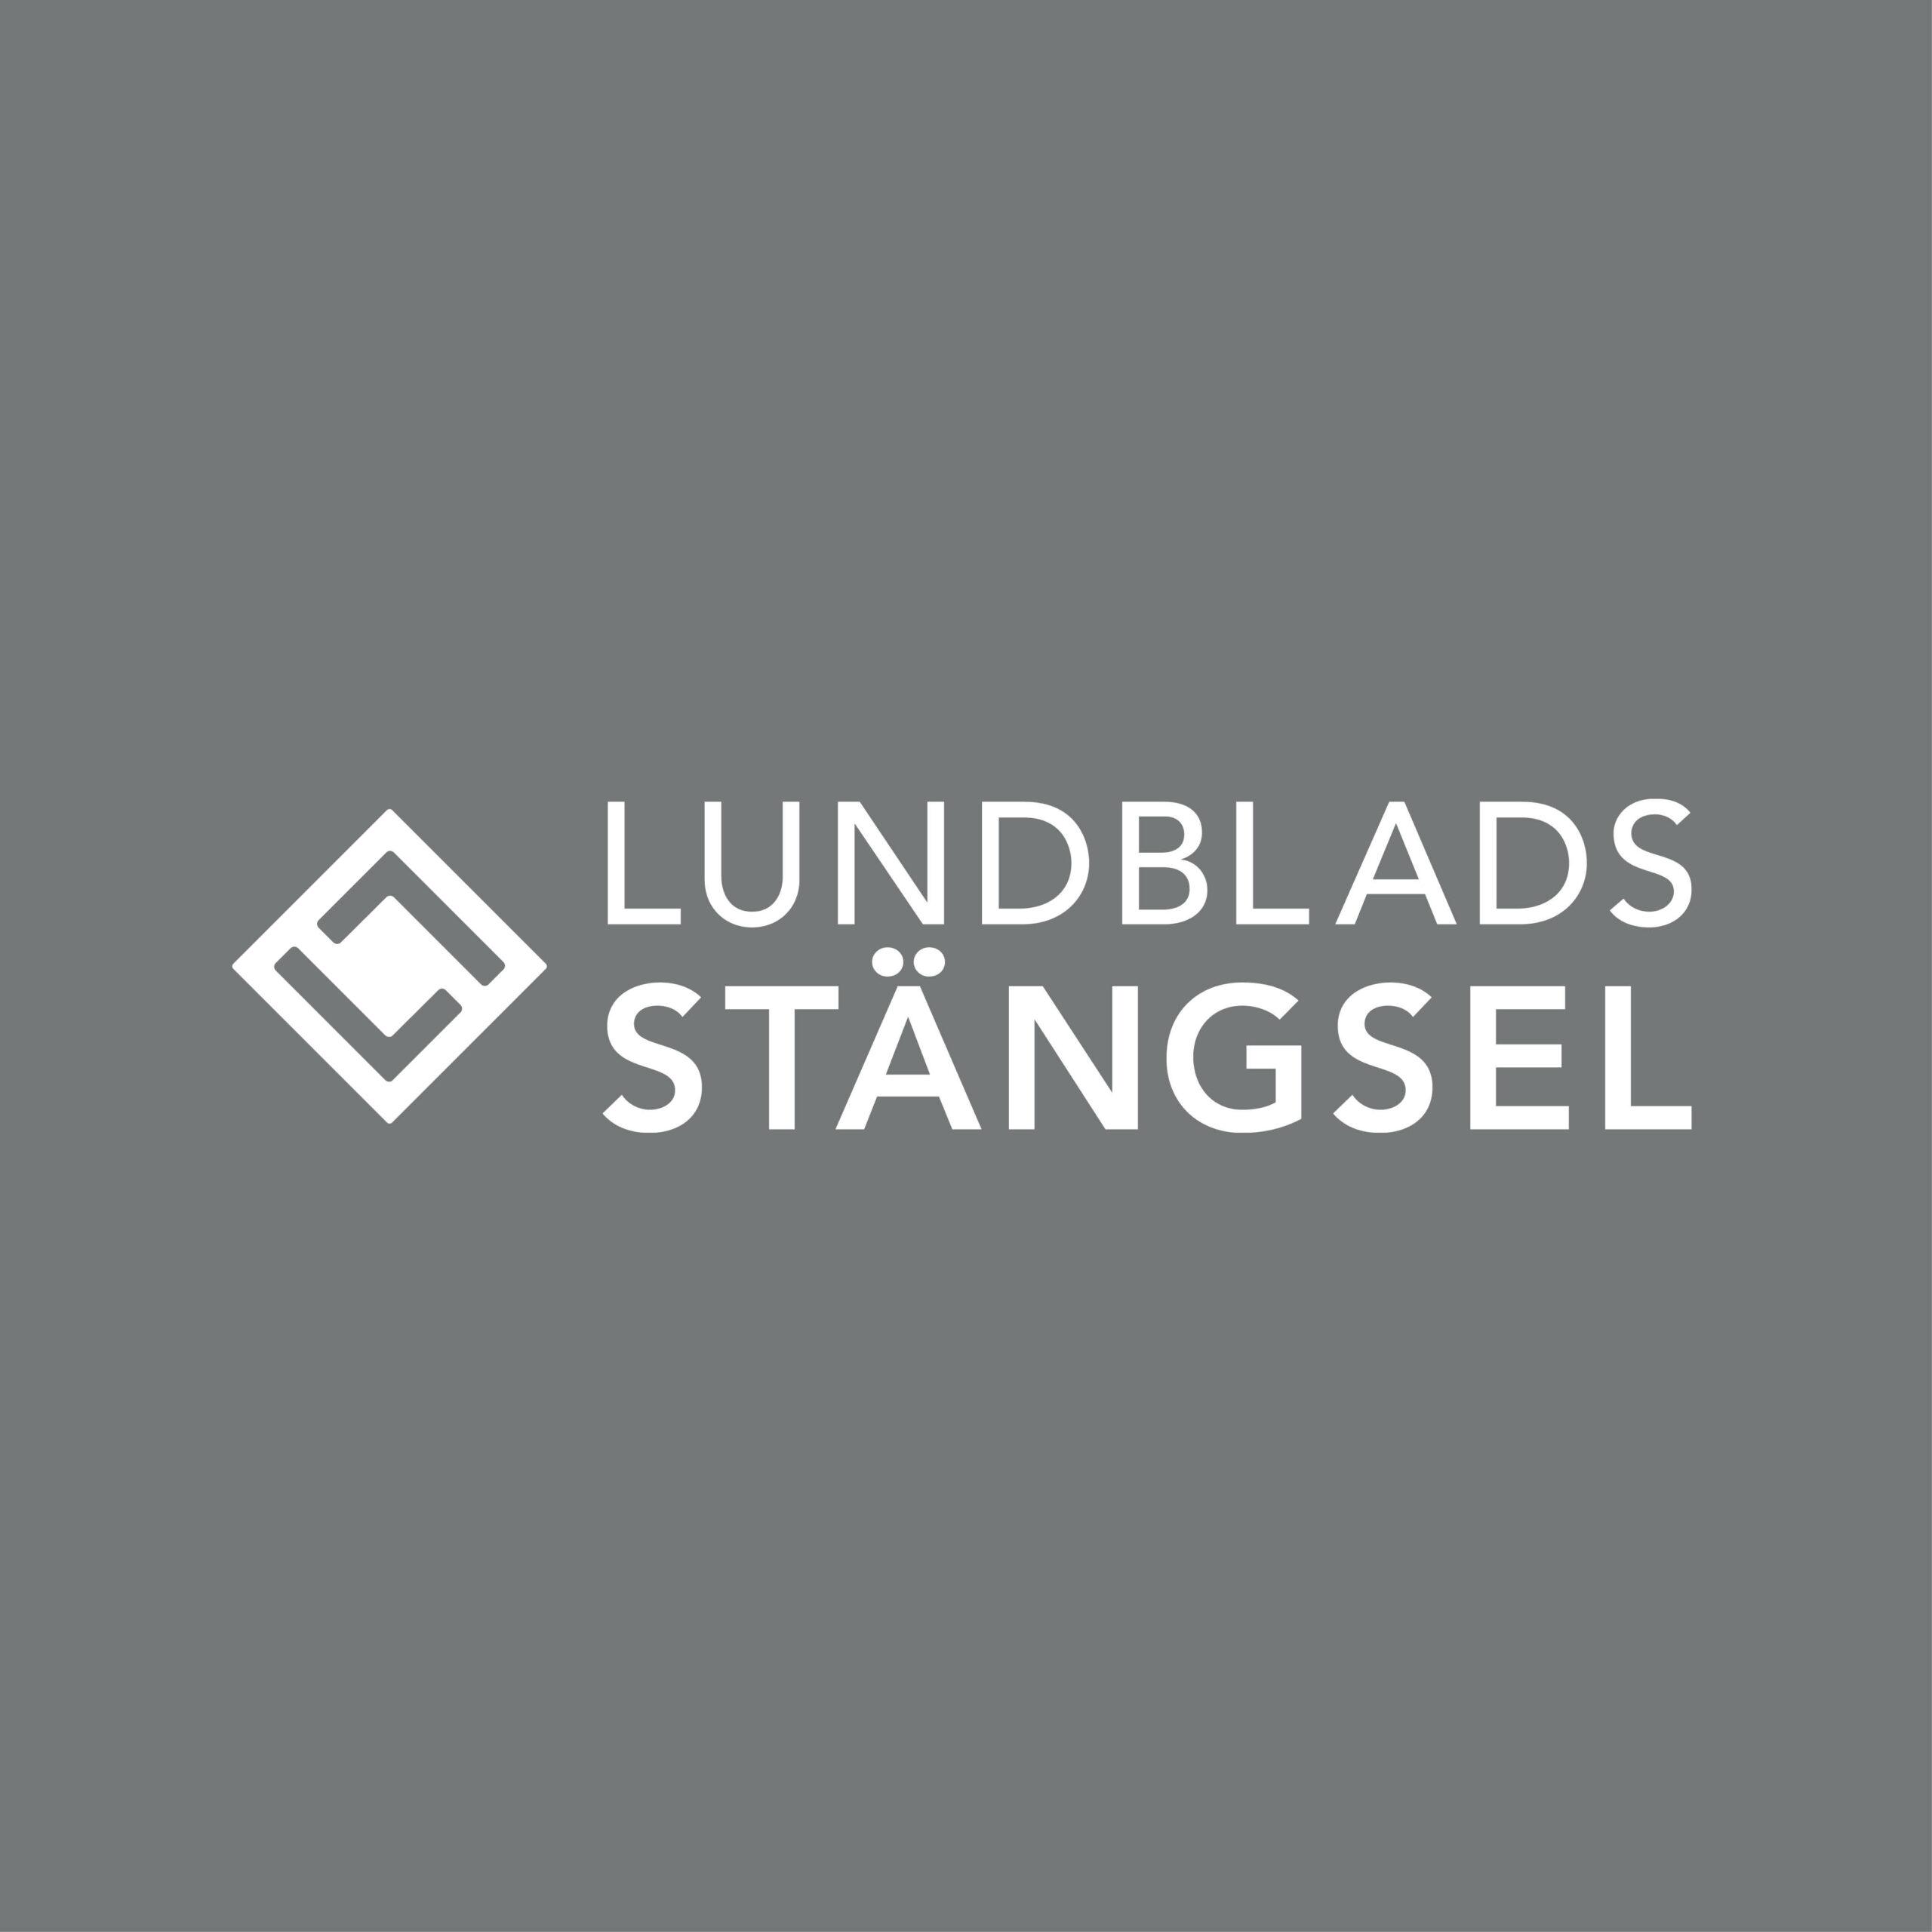 Logotype för Lundblads stängsel, logotype Falköping, Logotype Skaraborg